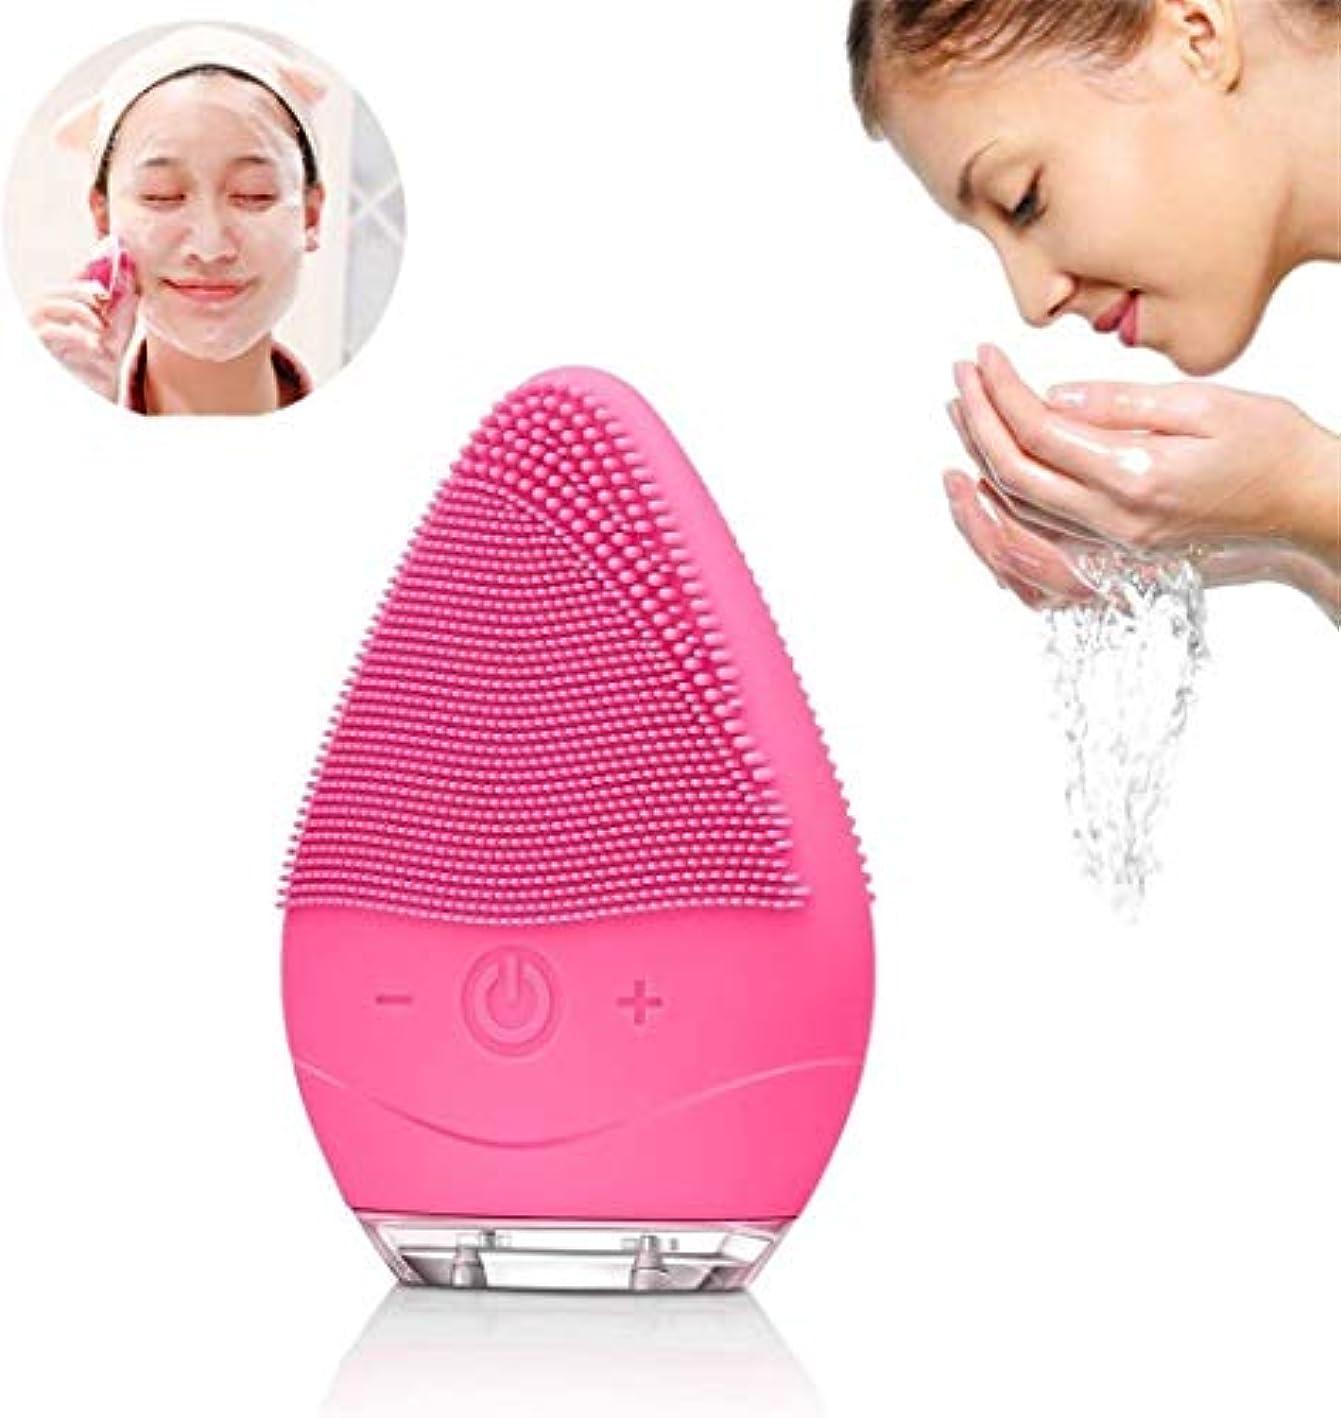 終わらせるグリーンバック治すソニック洗顔ブラシ、防水シリコーン洗顔ブラシエレクトリックフェイス振動マッサージ器USB充電式(ローズ)とクリーンな肌のためのデバイス